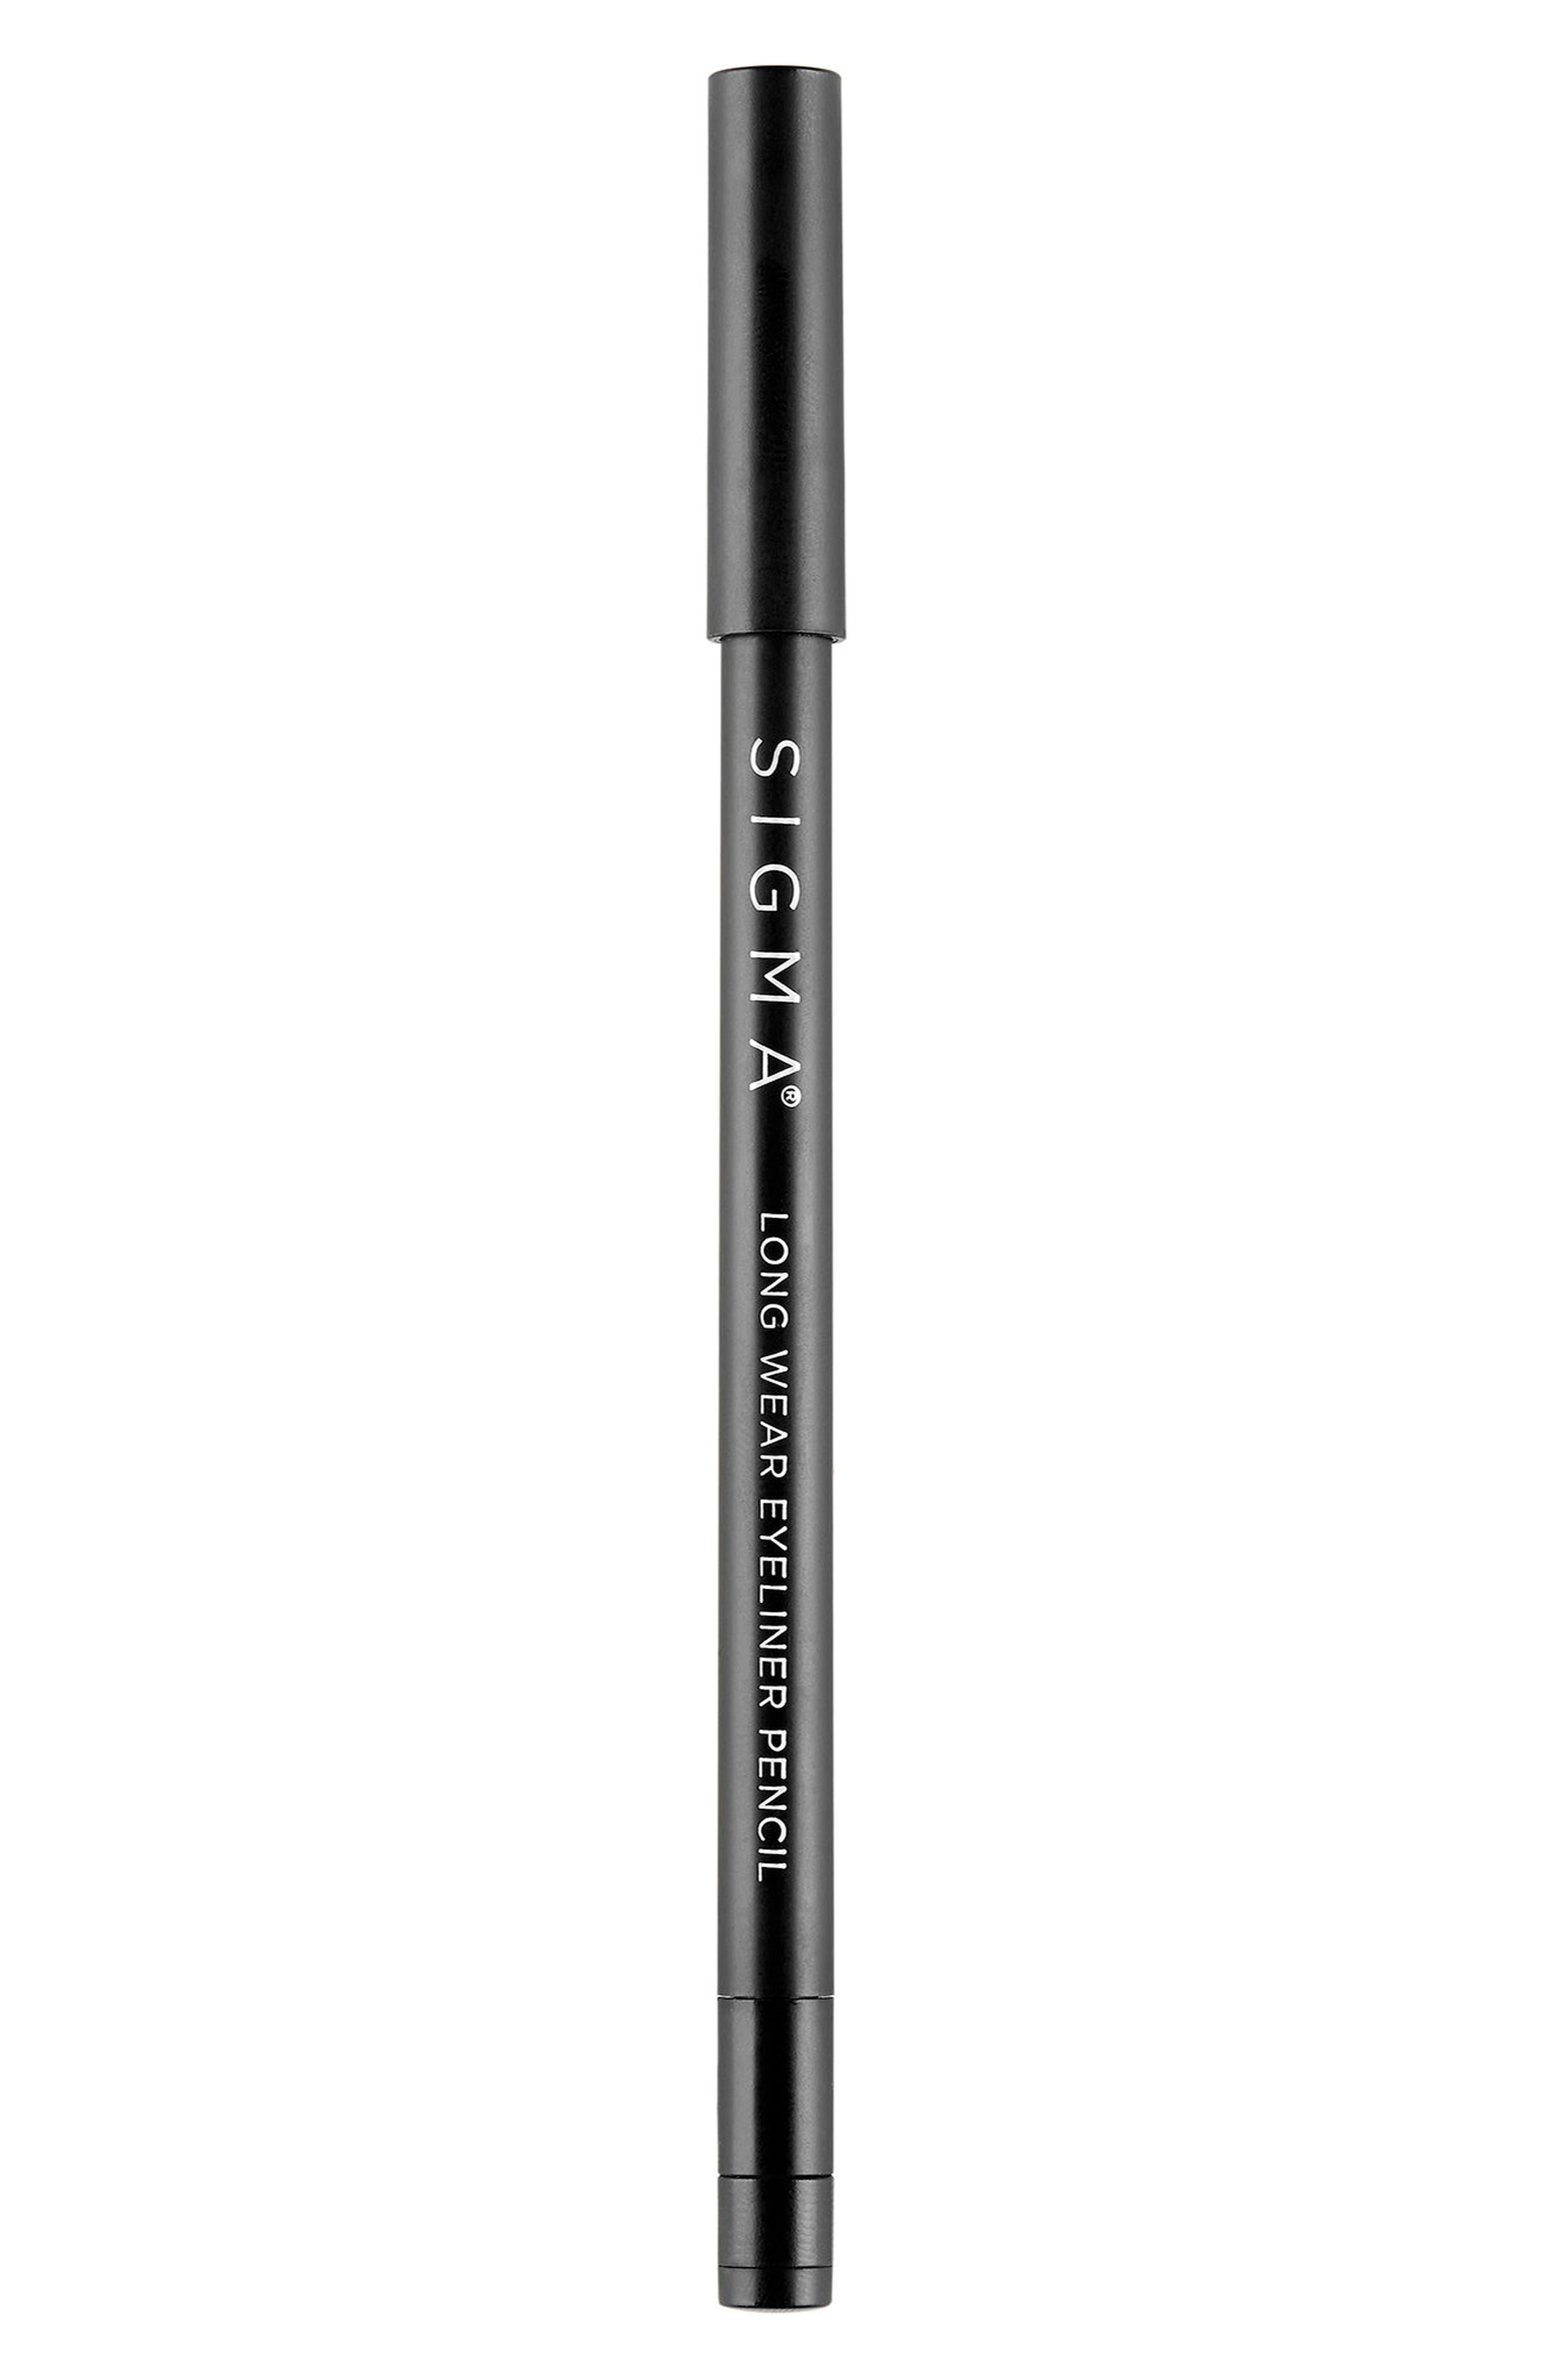 Sigma Beauty Wicked Long Wear Pencil Eyeliner - Black